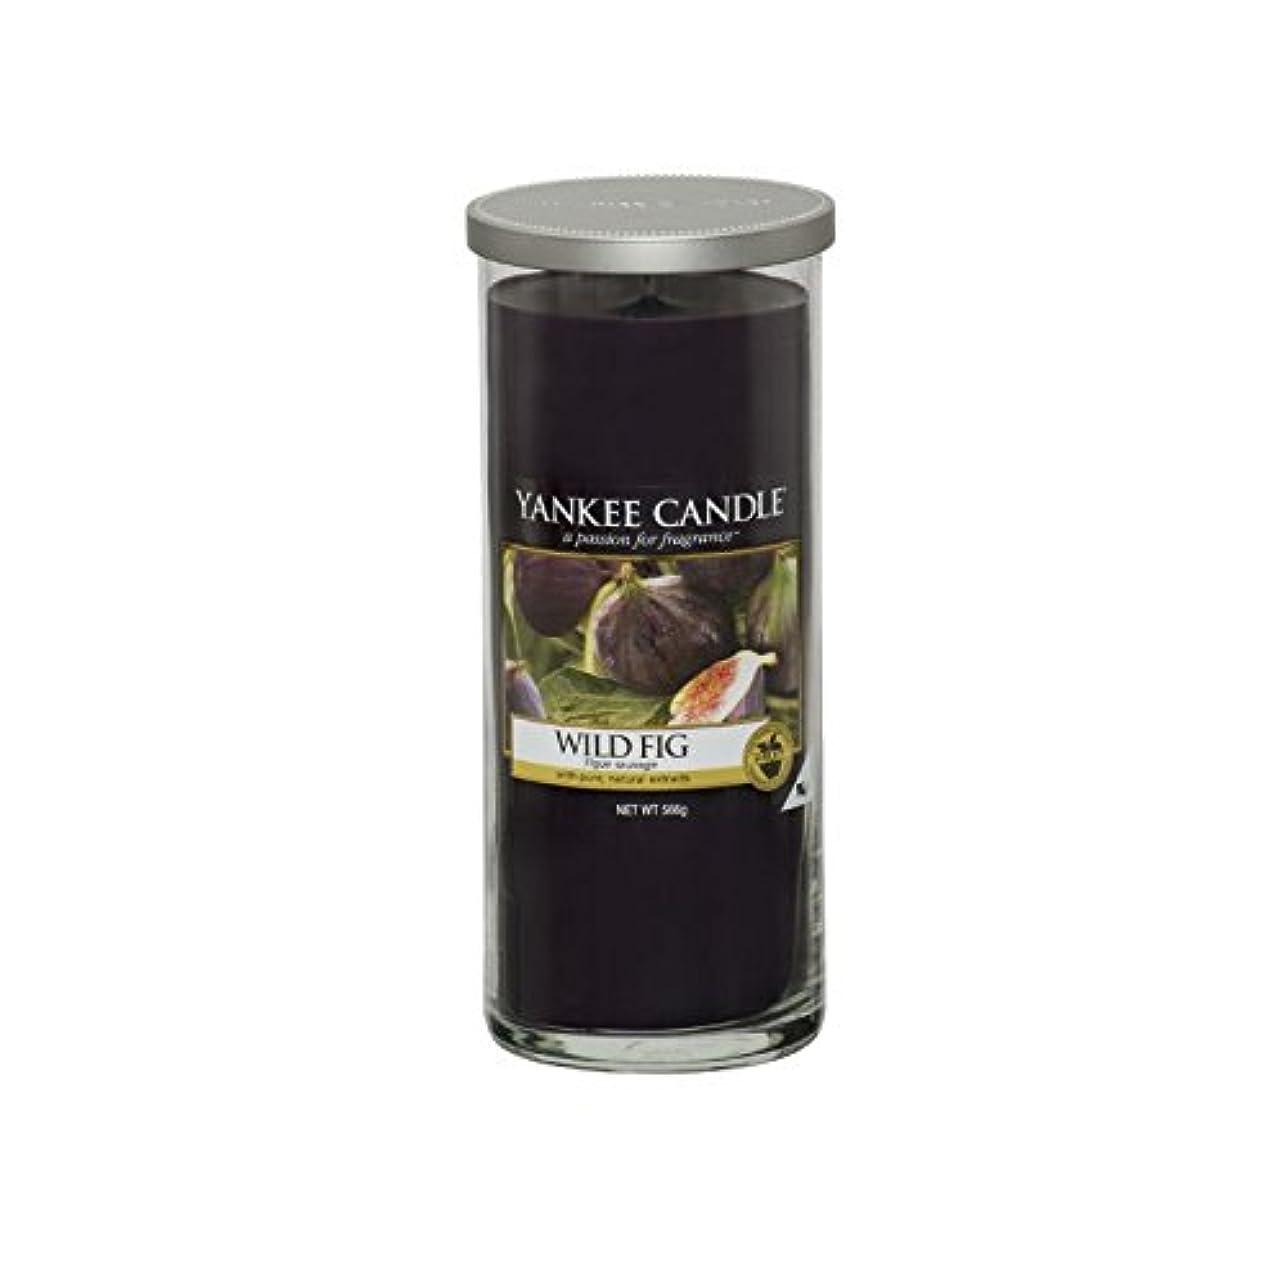 短くする日楽観ヤンキーキャンドル大きな柱キャンドル - 野生のイチジク - Yankee Candles Large Pillar Candle - Wild Fig (Yankee Candles) [並行輸入品]